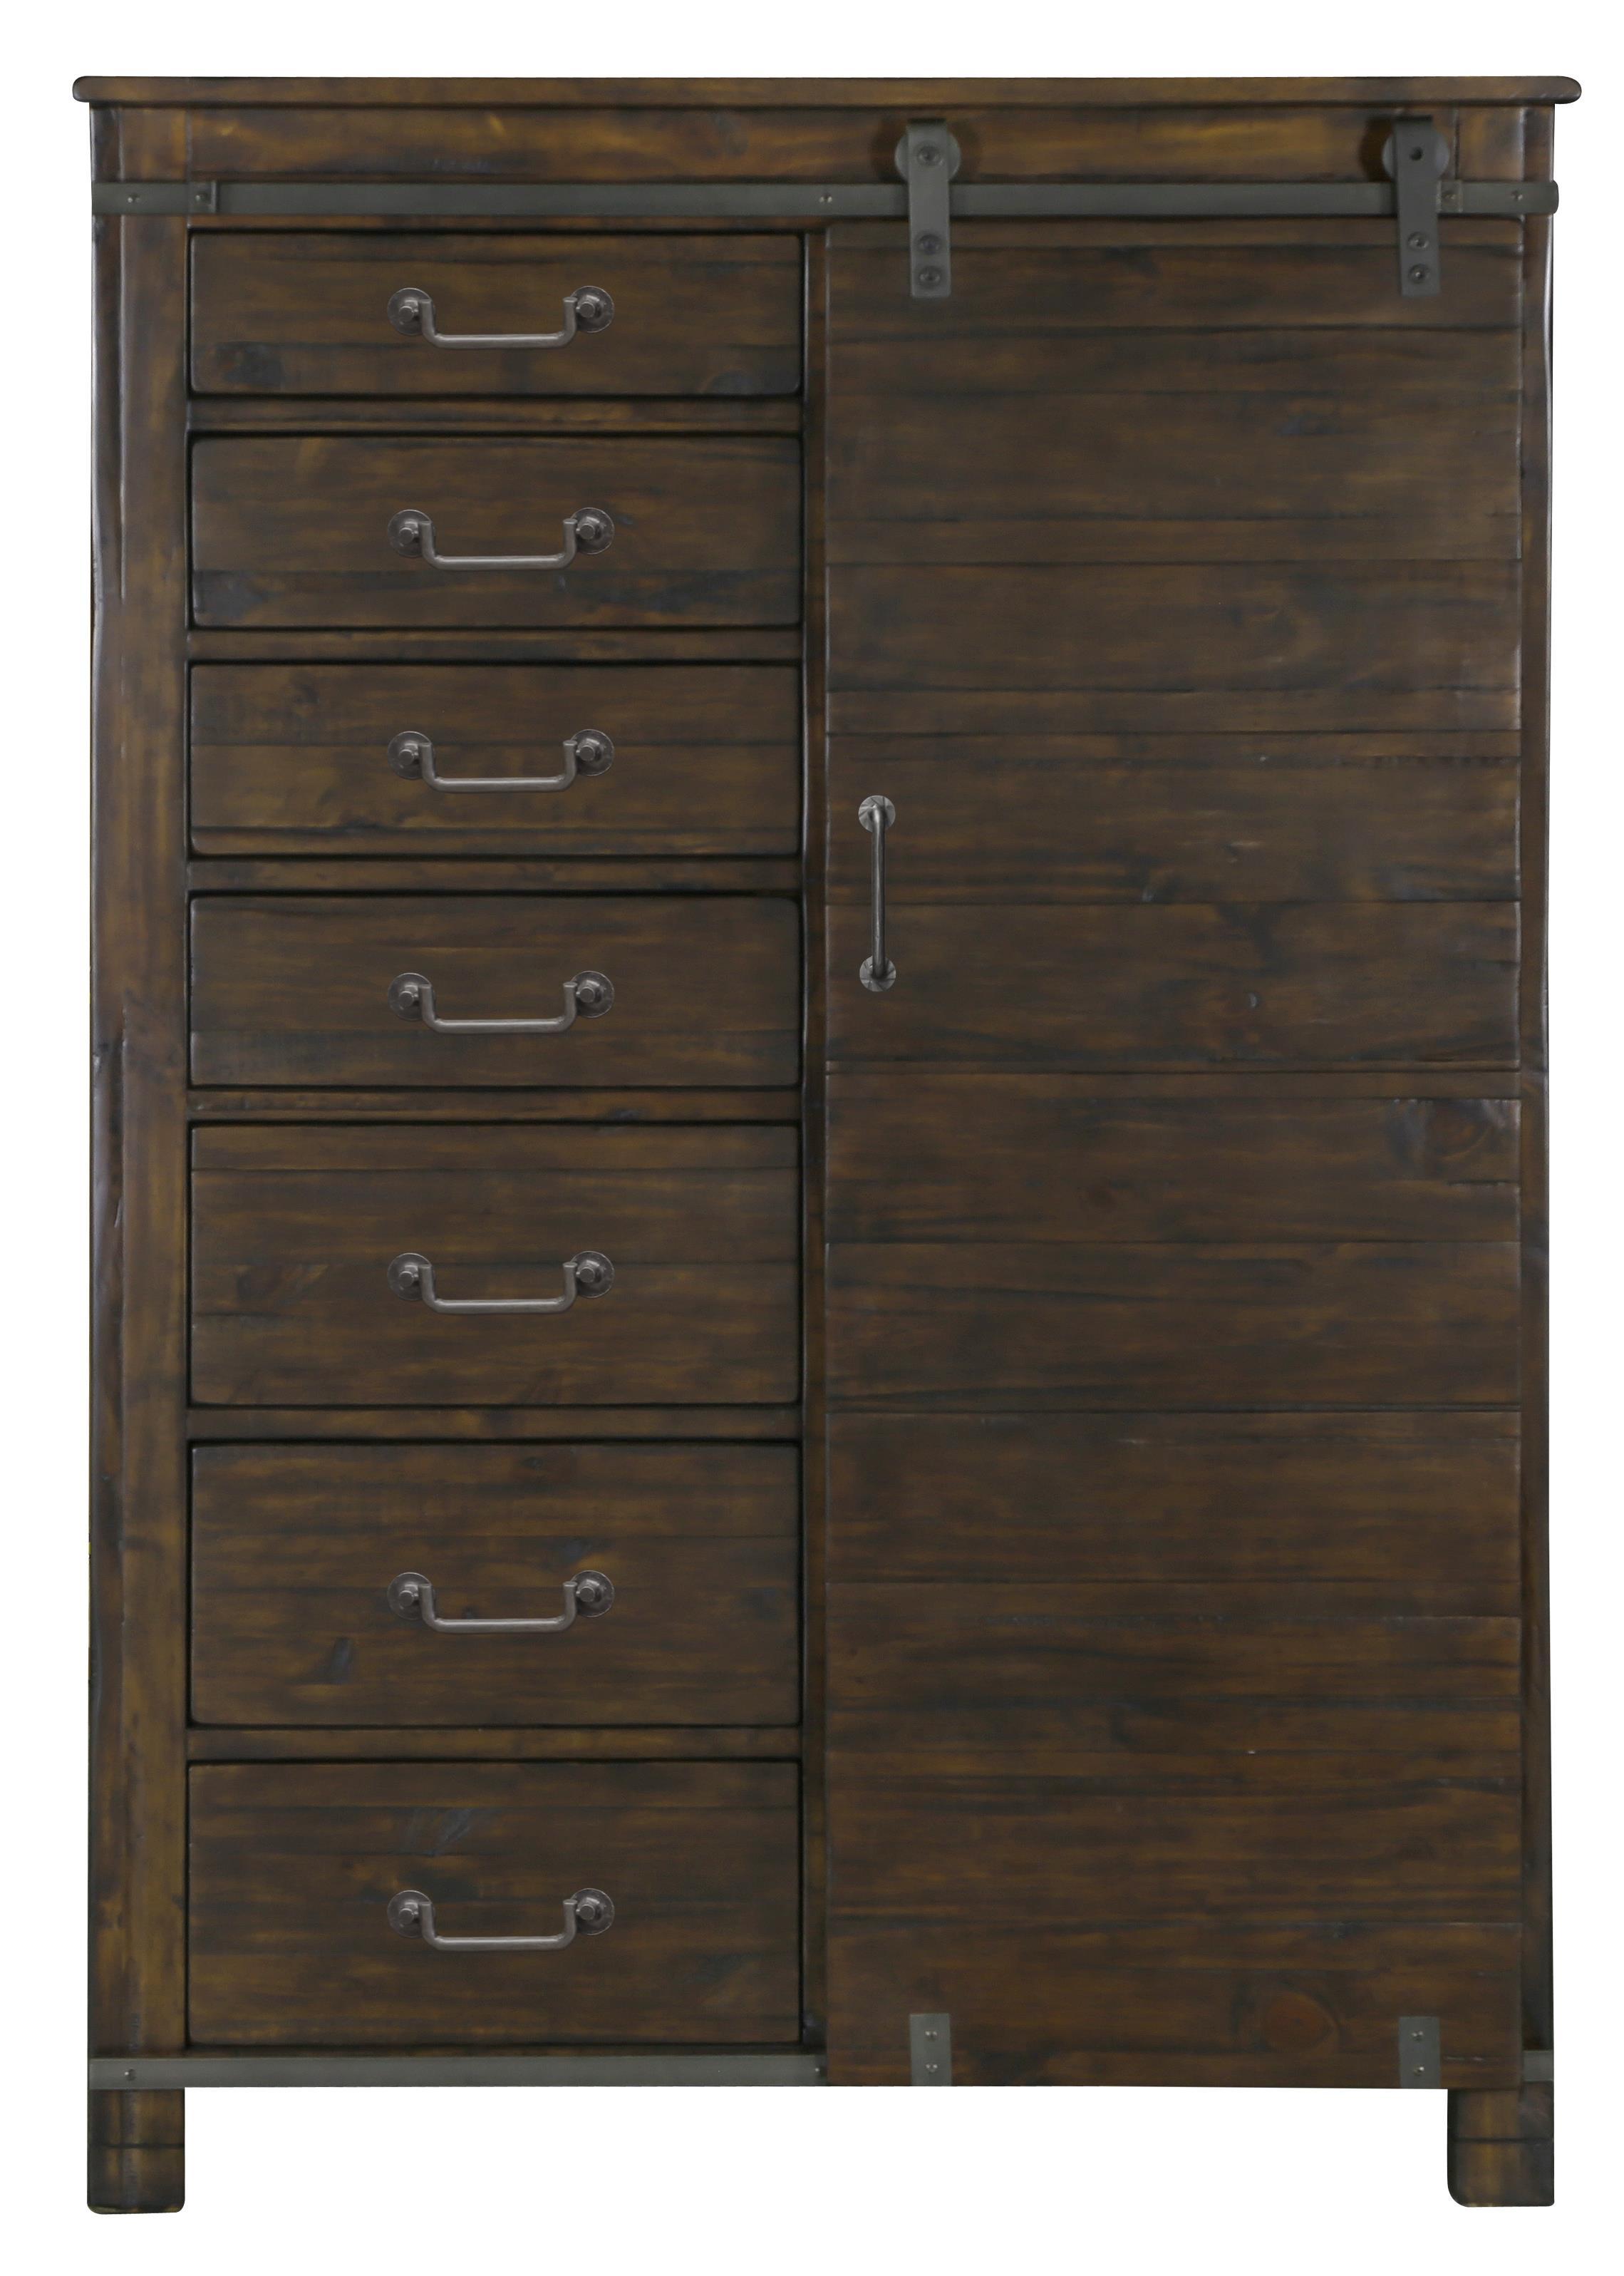 Door Chest with 4 Adjustable Shelves